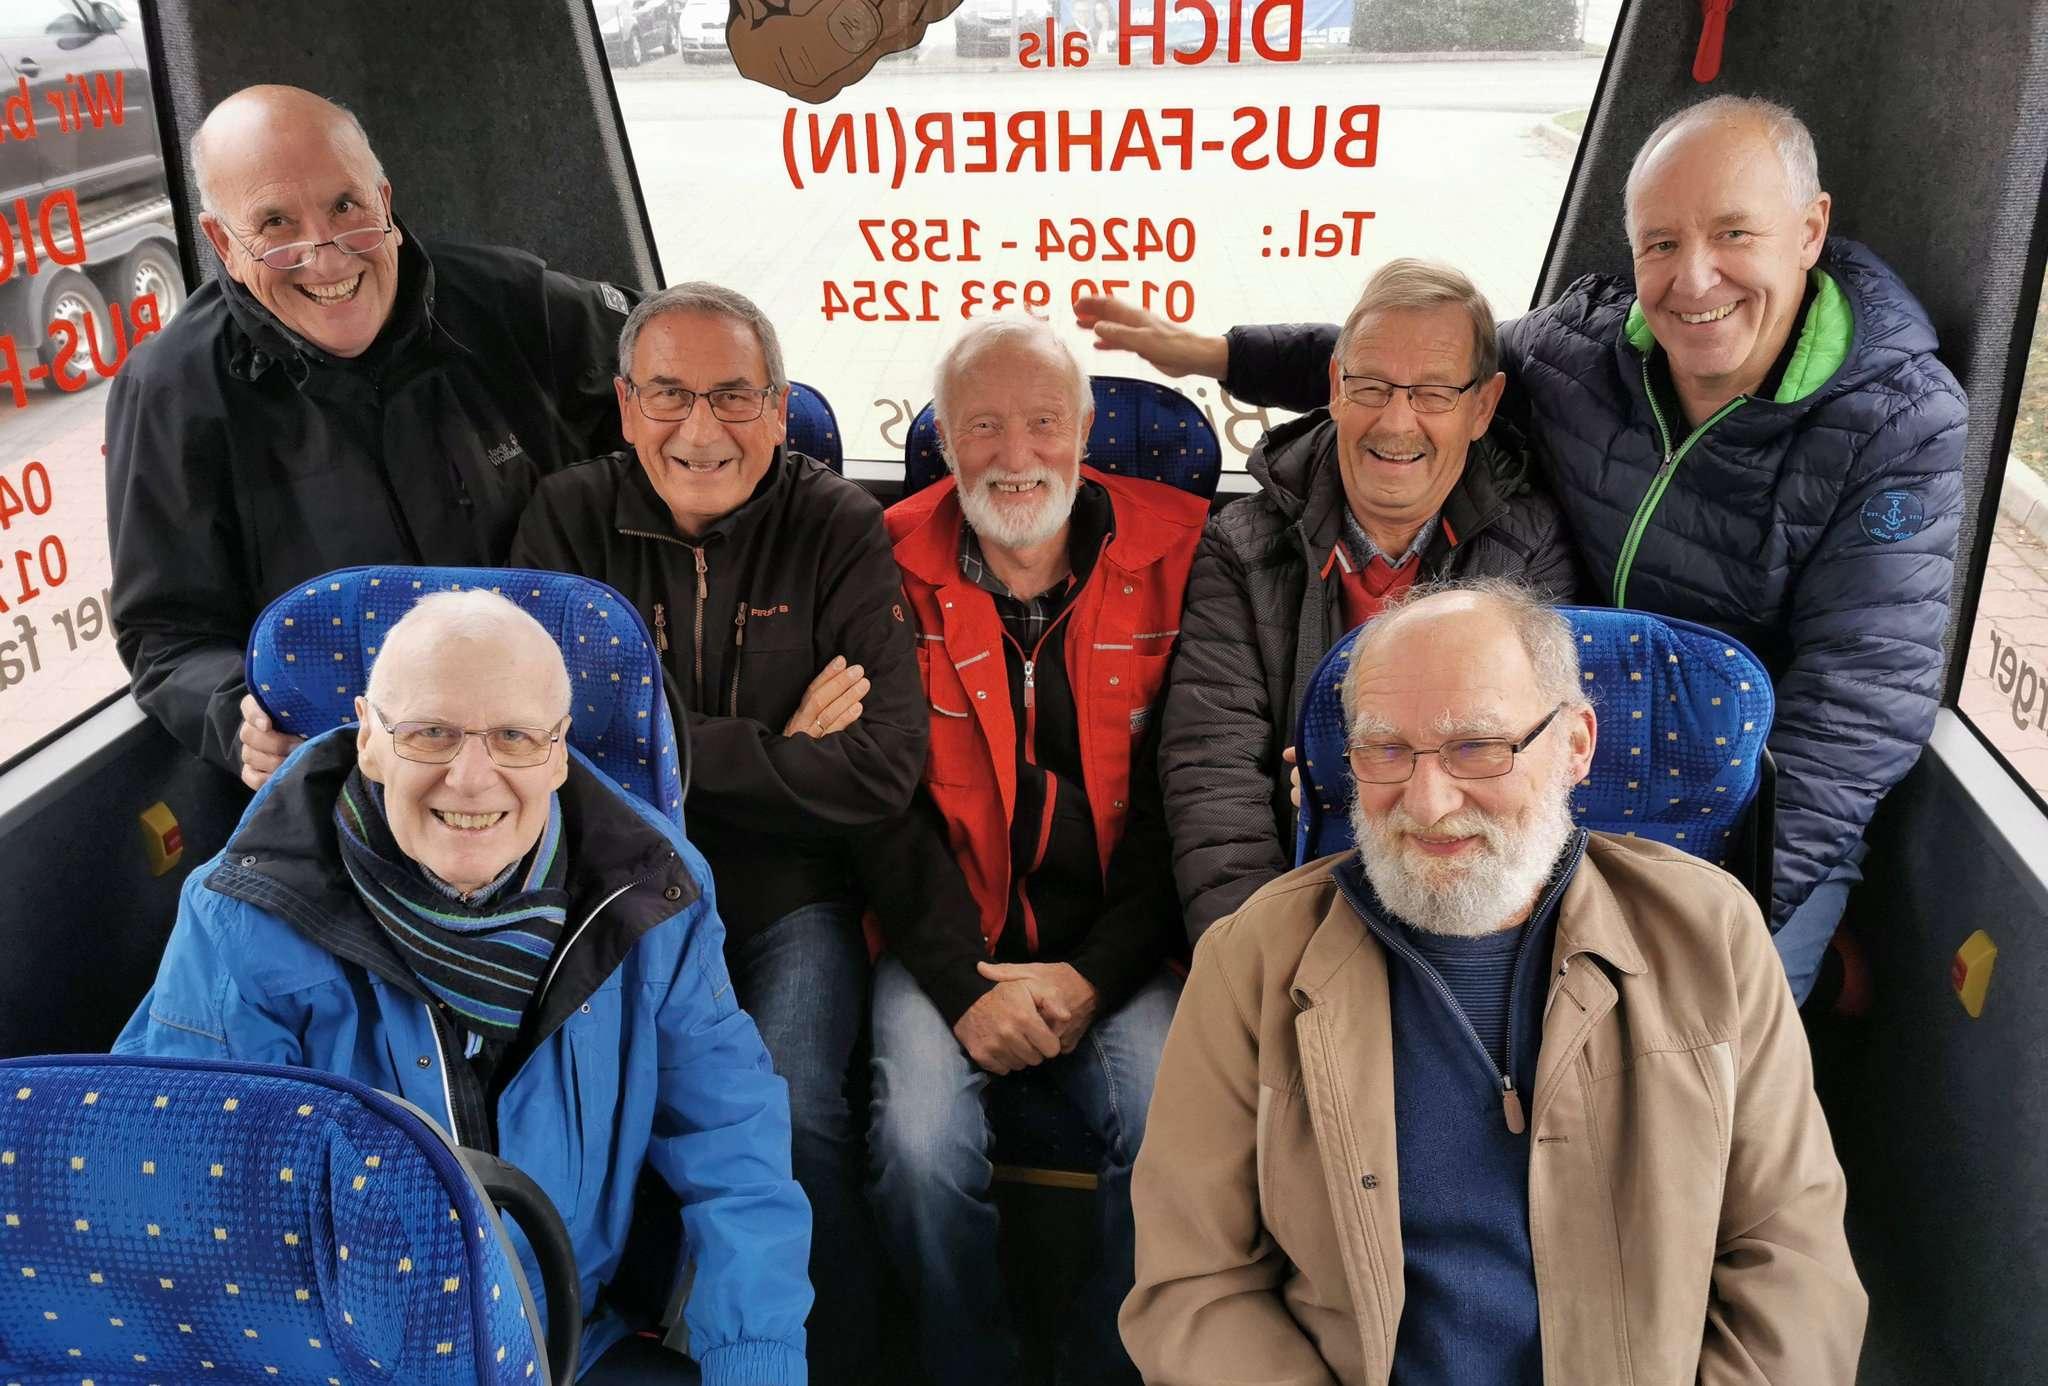 Gleich sieben Fahrer gehen in den Ruhestand. Von links: Hans Manthey, Günter Schierloh, Werner Klooß, Ulrich Thiart, Thomas Warschke, Johannes von Wenczowski und Hartmut Worthmann.